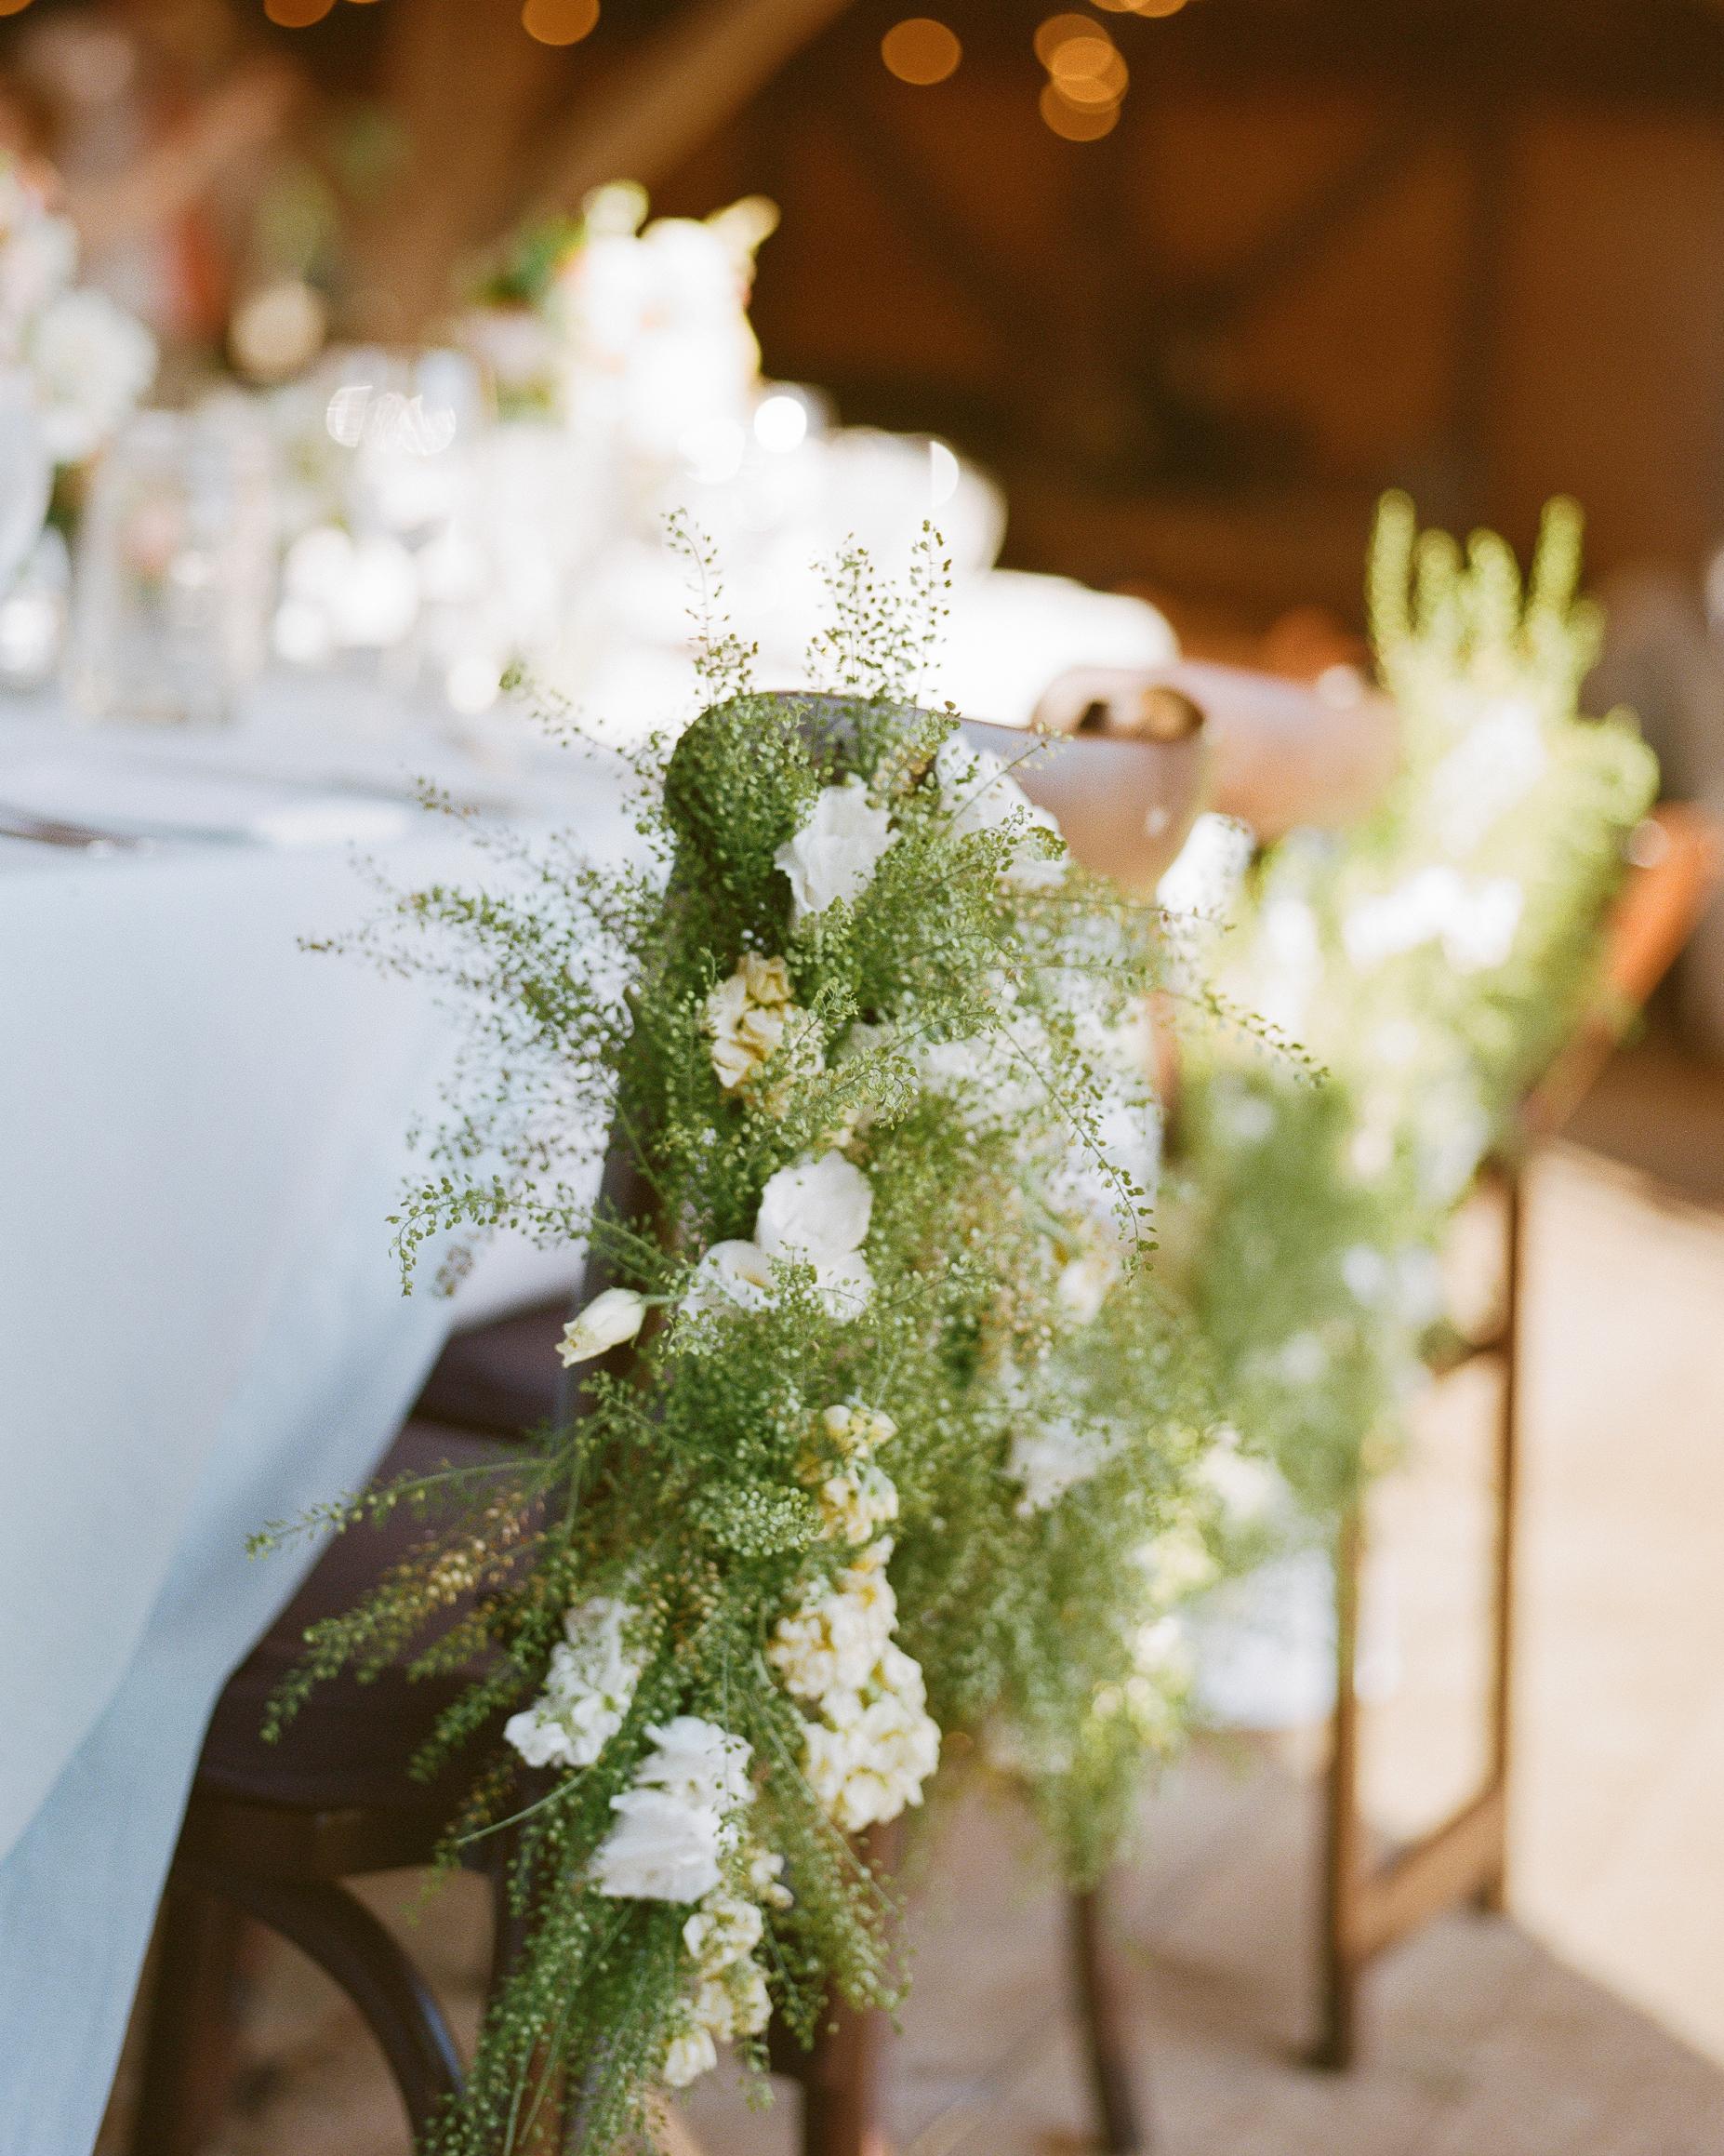 jocelyn-graham-wedding-chairback-1124-s111847-0315.jpg